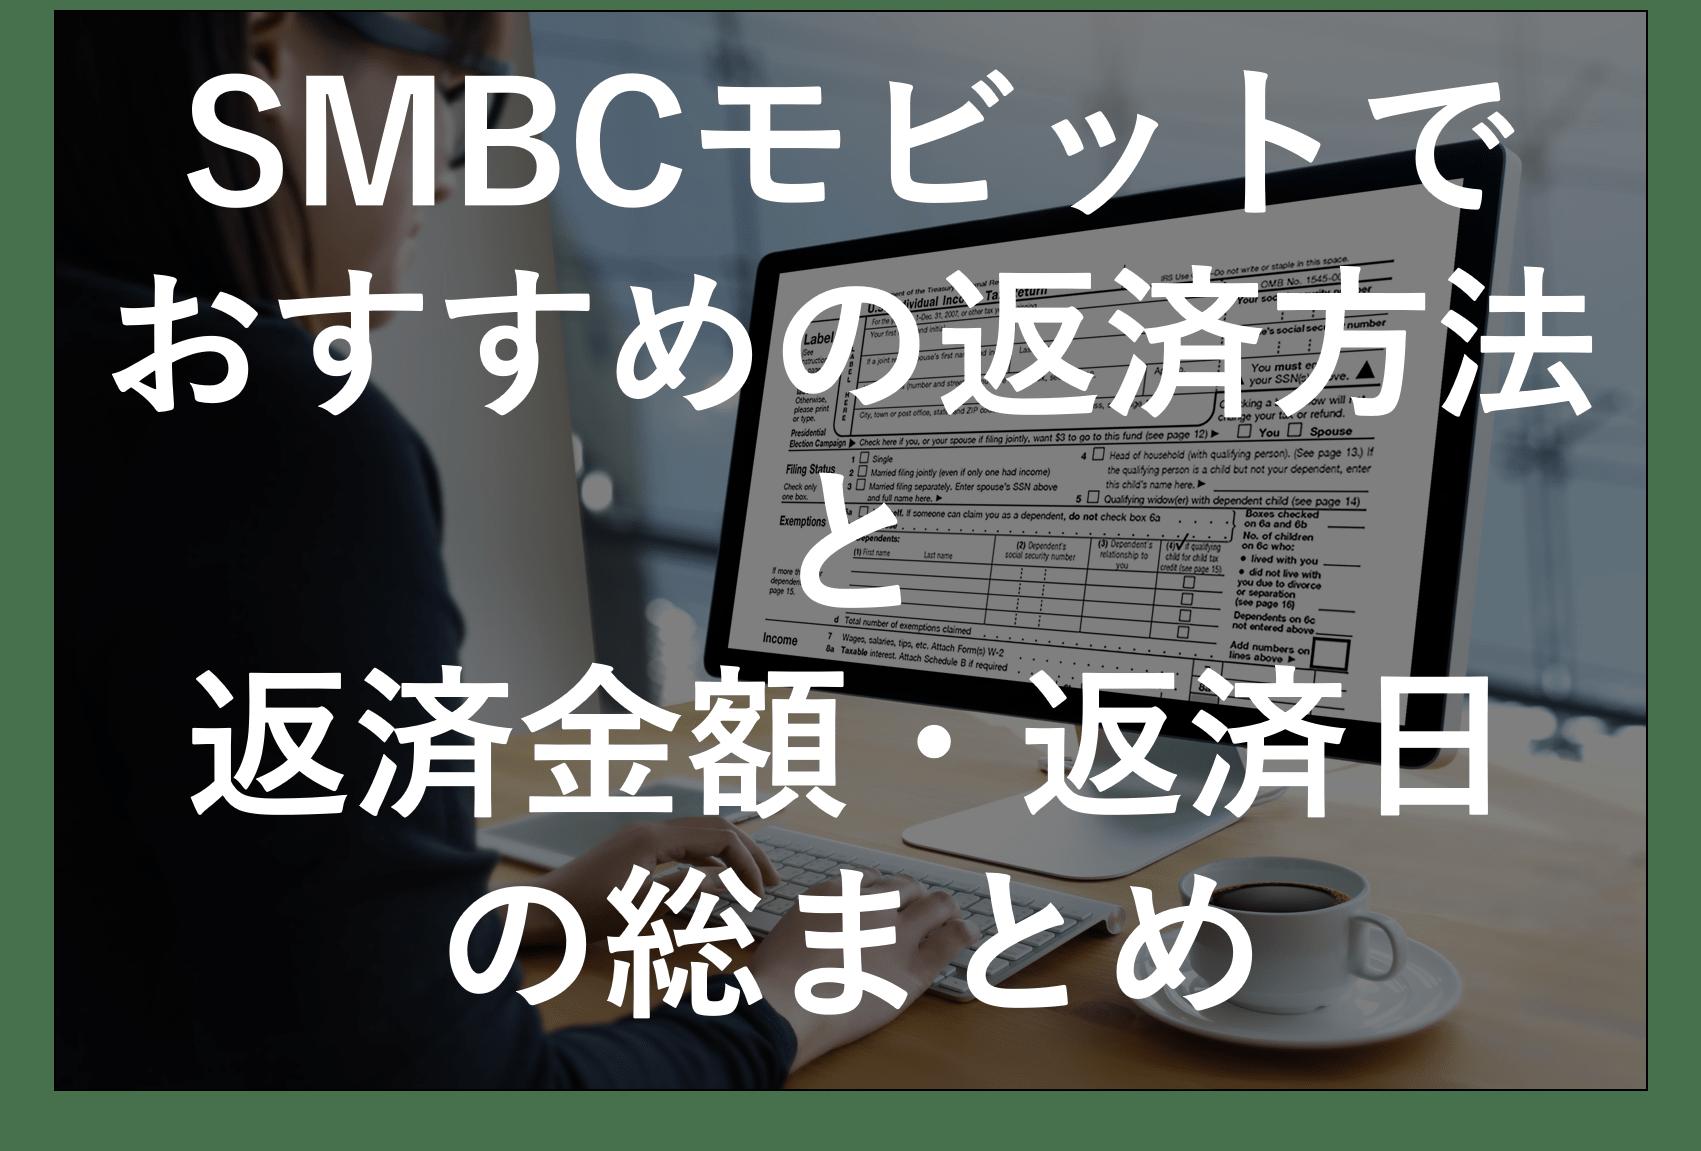 SMBCモビット 返済